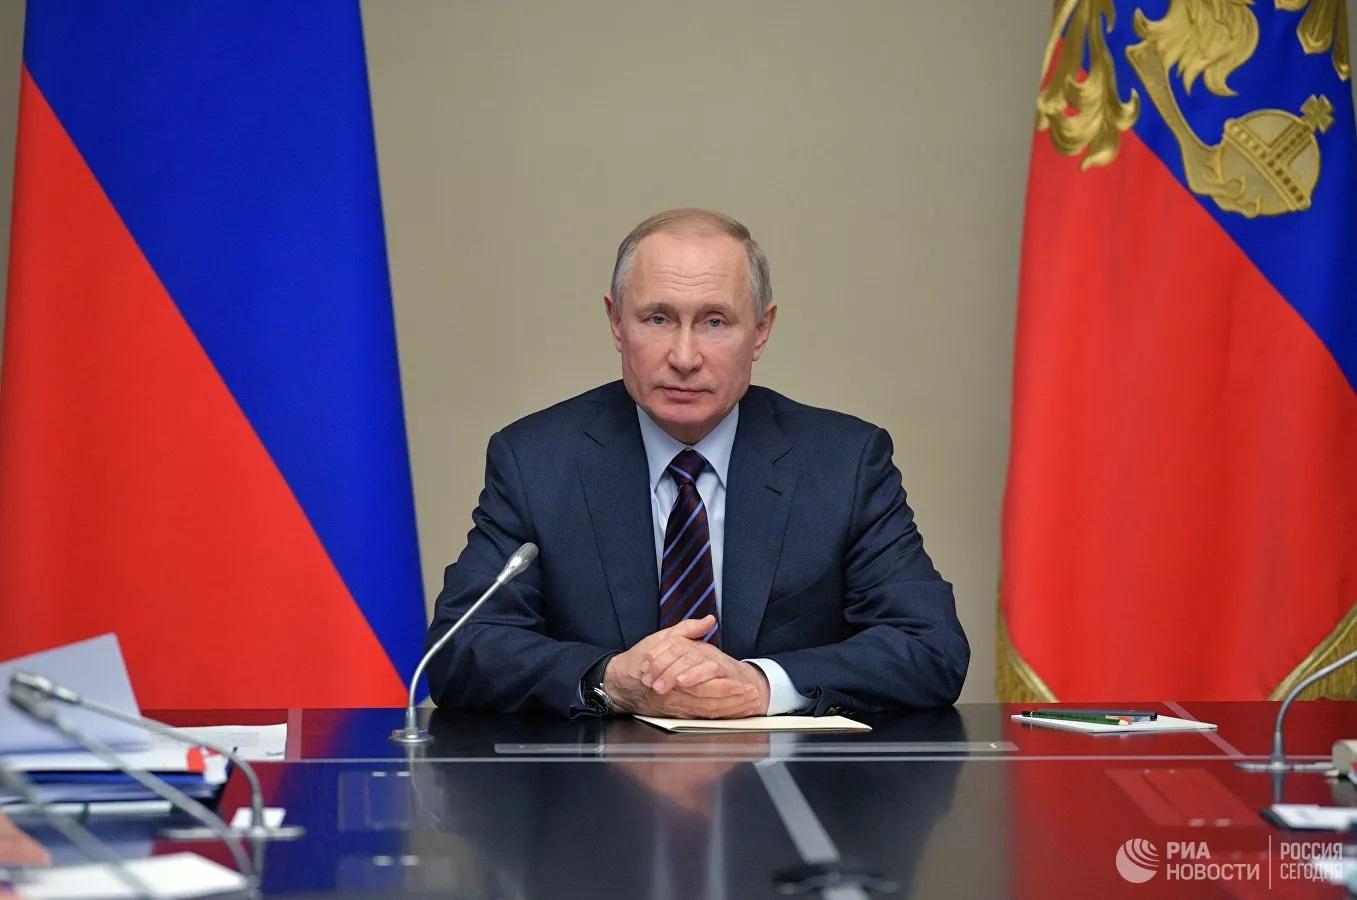 Ông Putin bất ngờ có 'hành động lạ' ngay trong cuộc họp